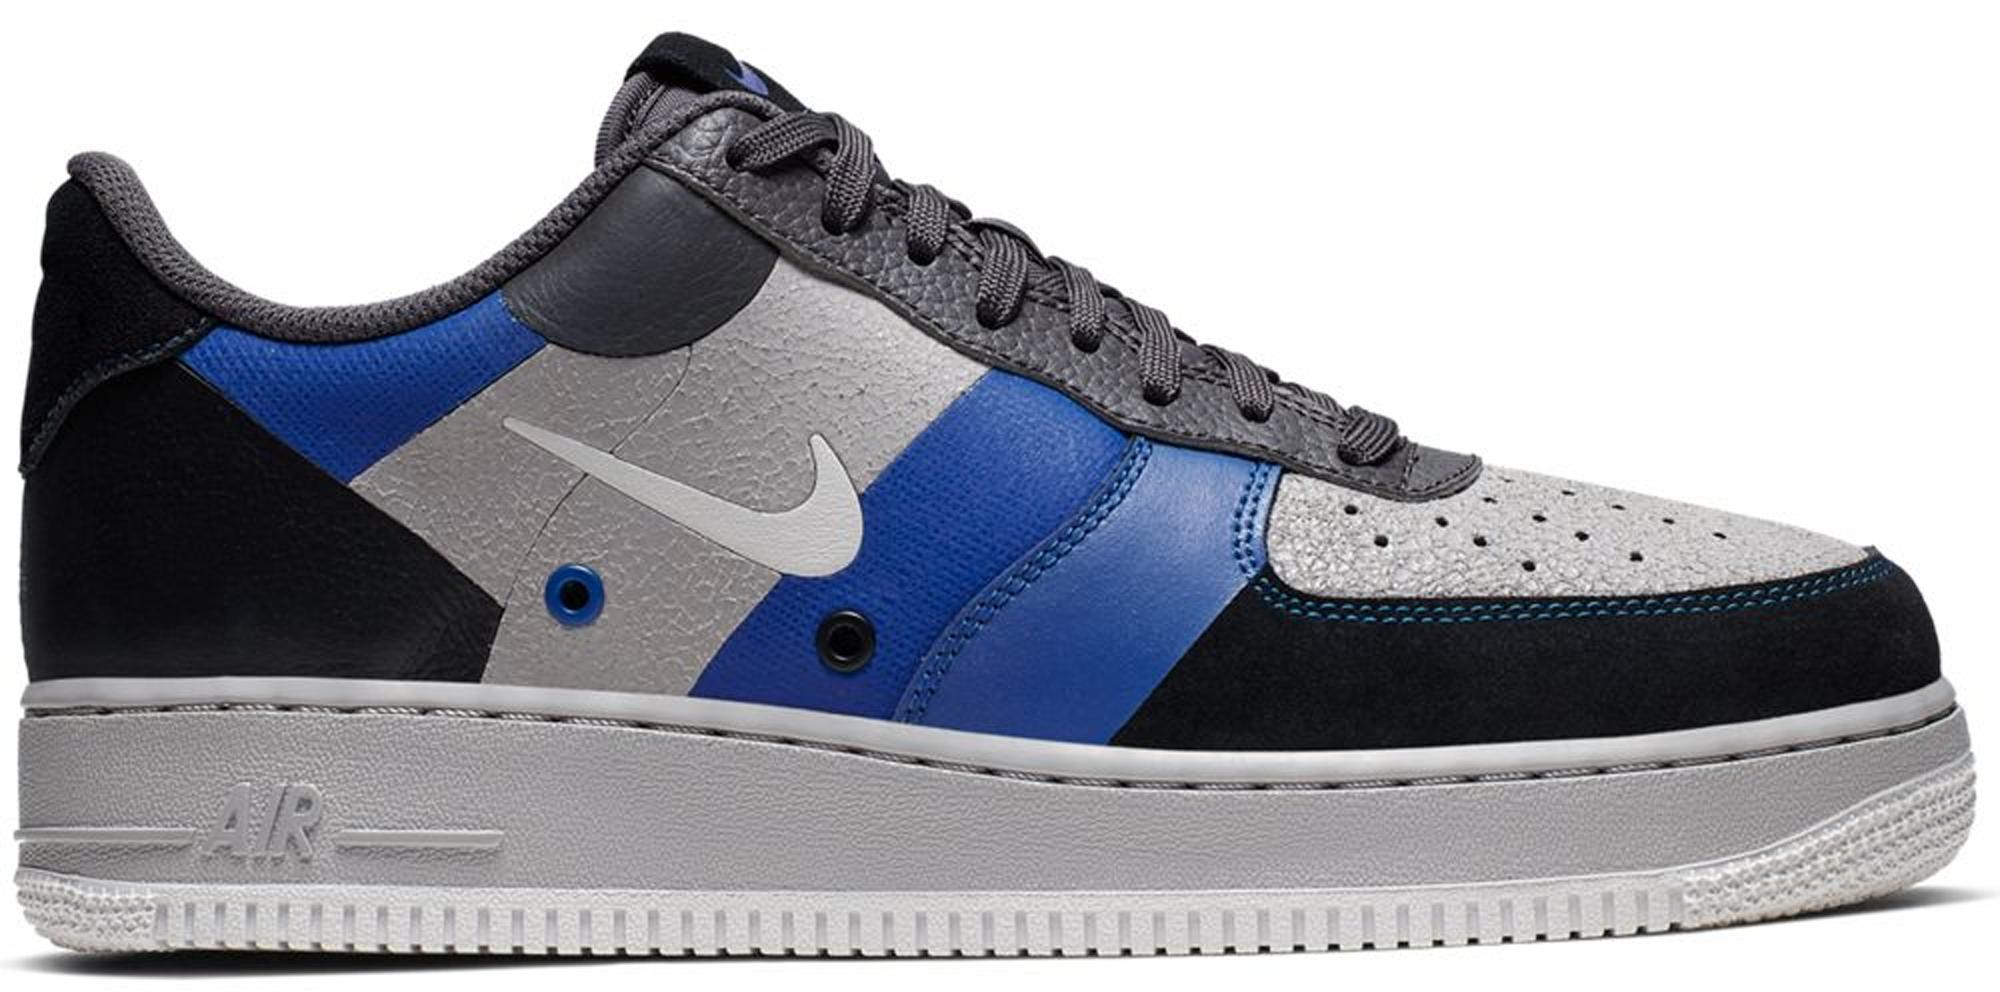 Nike Air Force 1 Low Atmosphere Grey